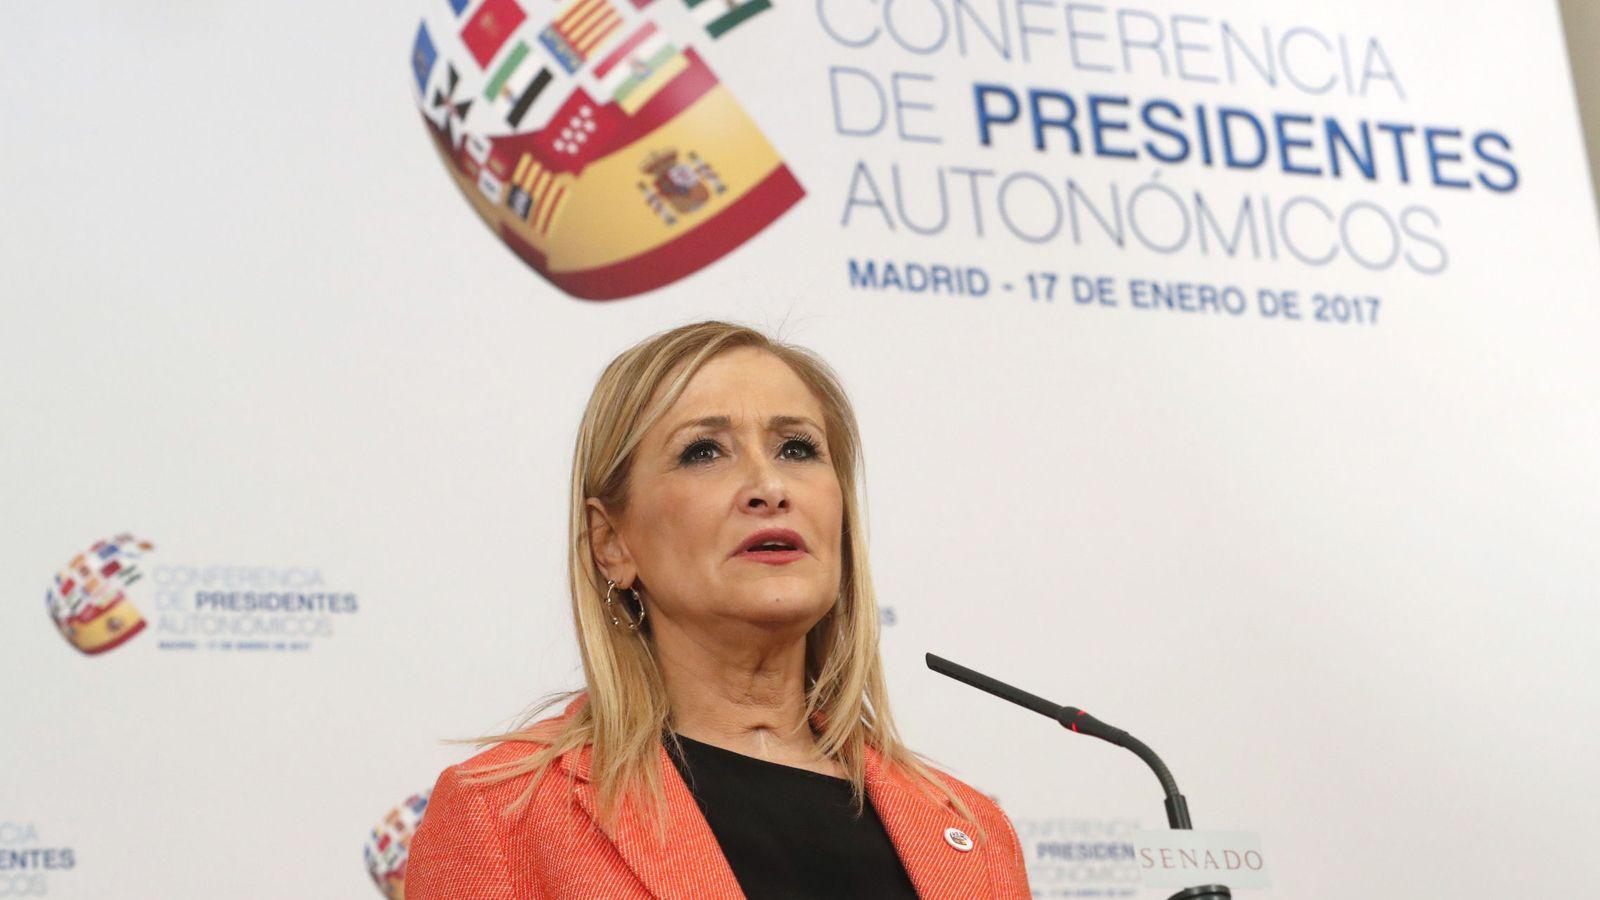 Foto: La presidenta de la Comunidad de Madrid, Cristina Cifuentes, en la Conferencia de Presidentes (Efe)